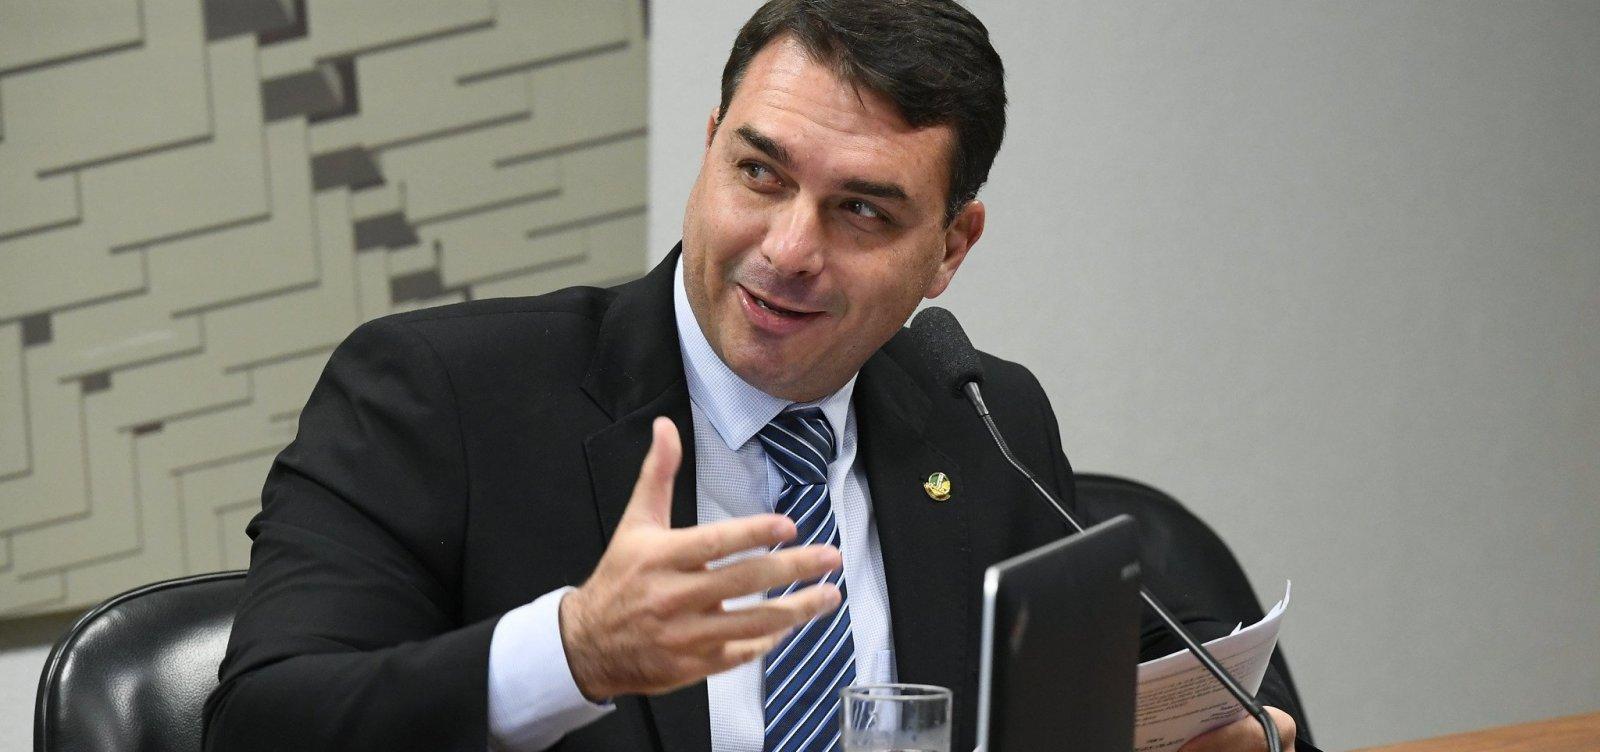 Secretário da Receita foi à casa de Flávio Bolsonaro para levar informações, diz revista